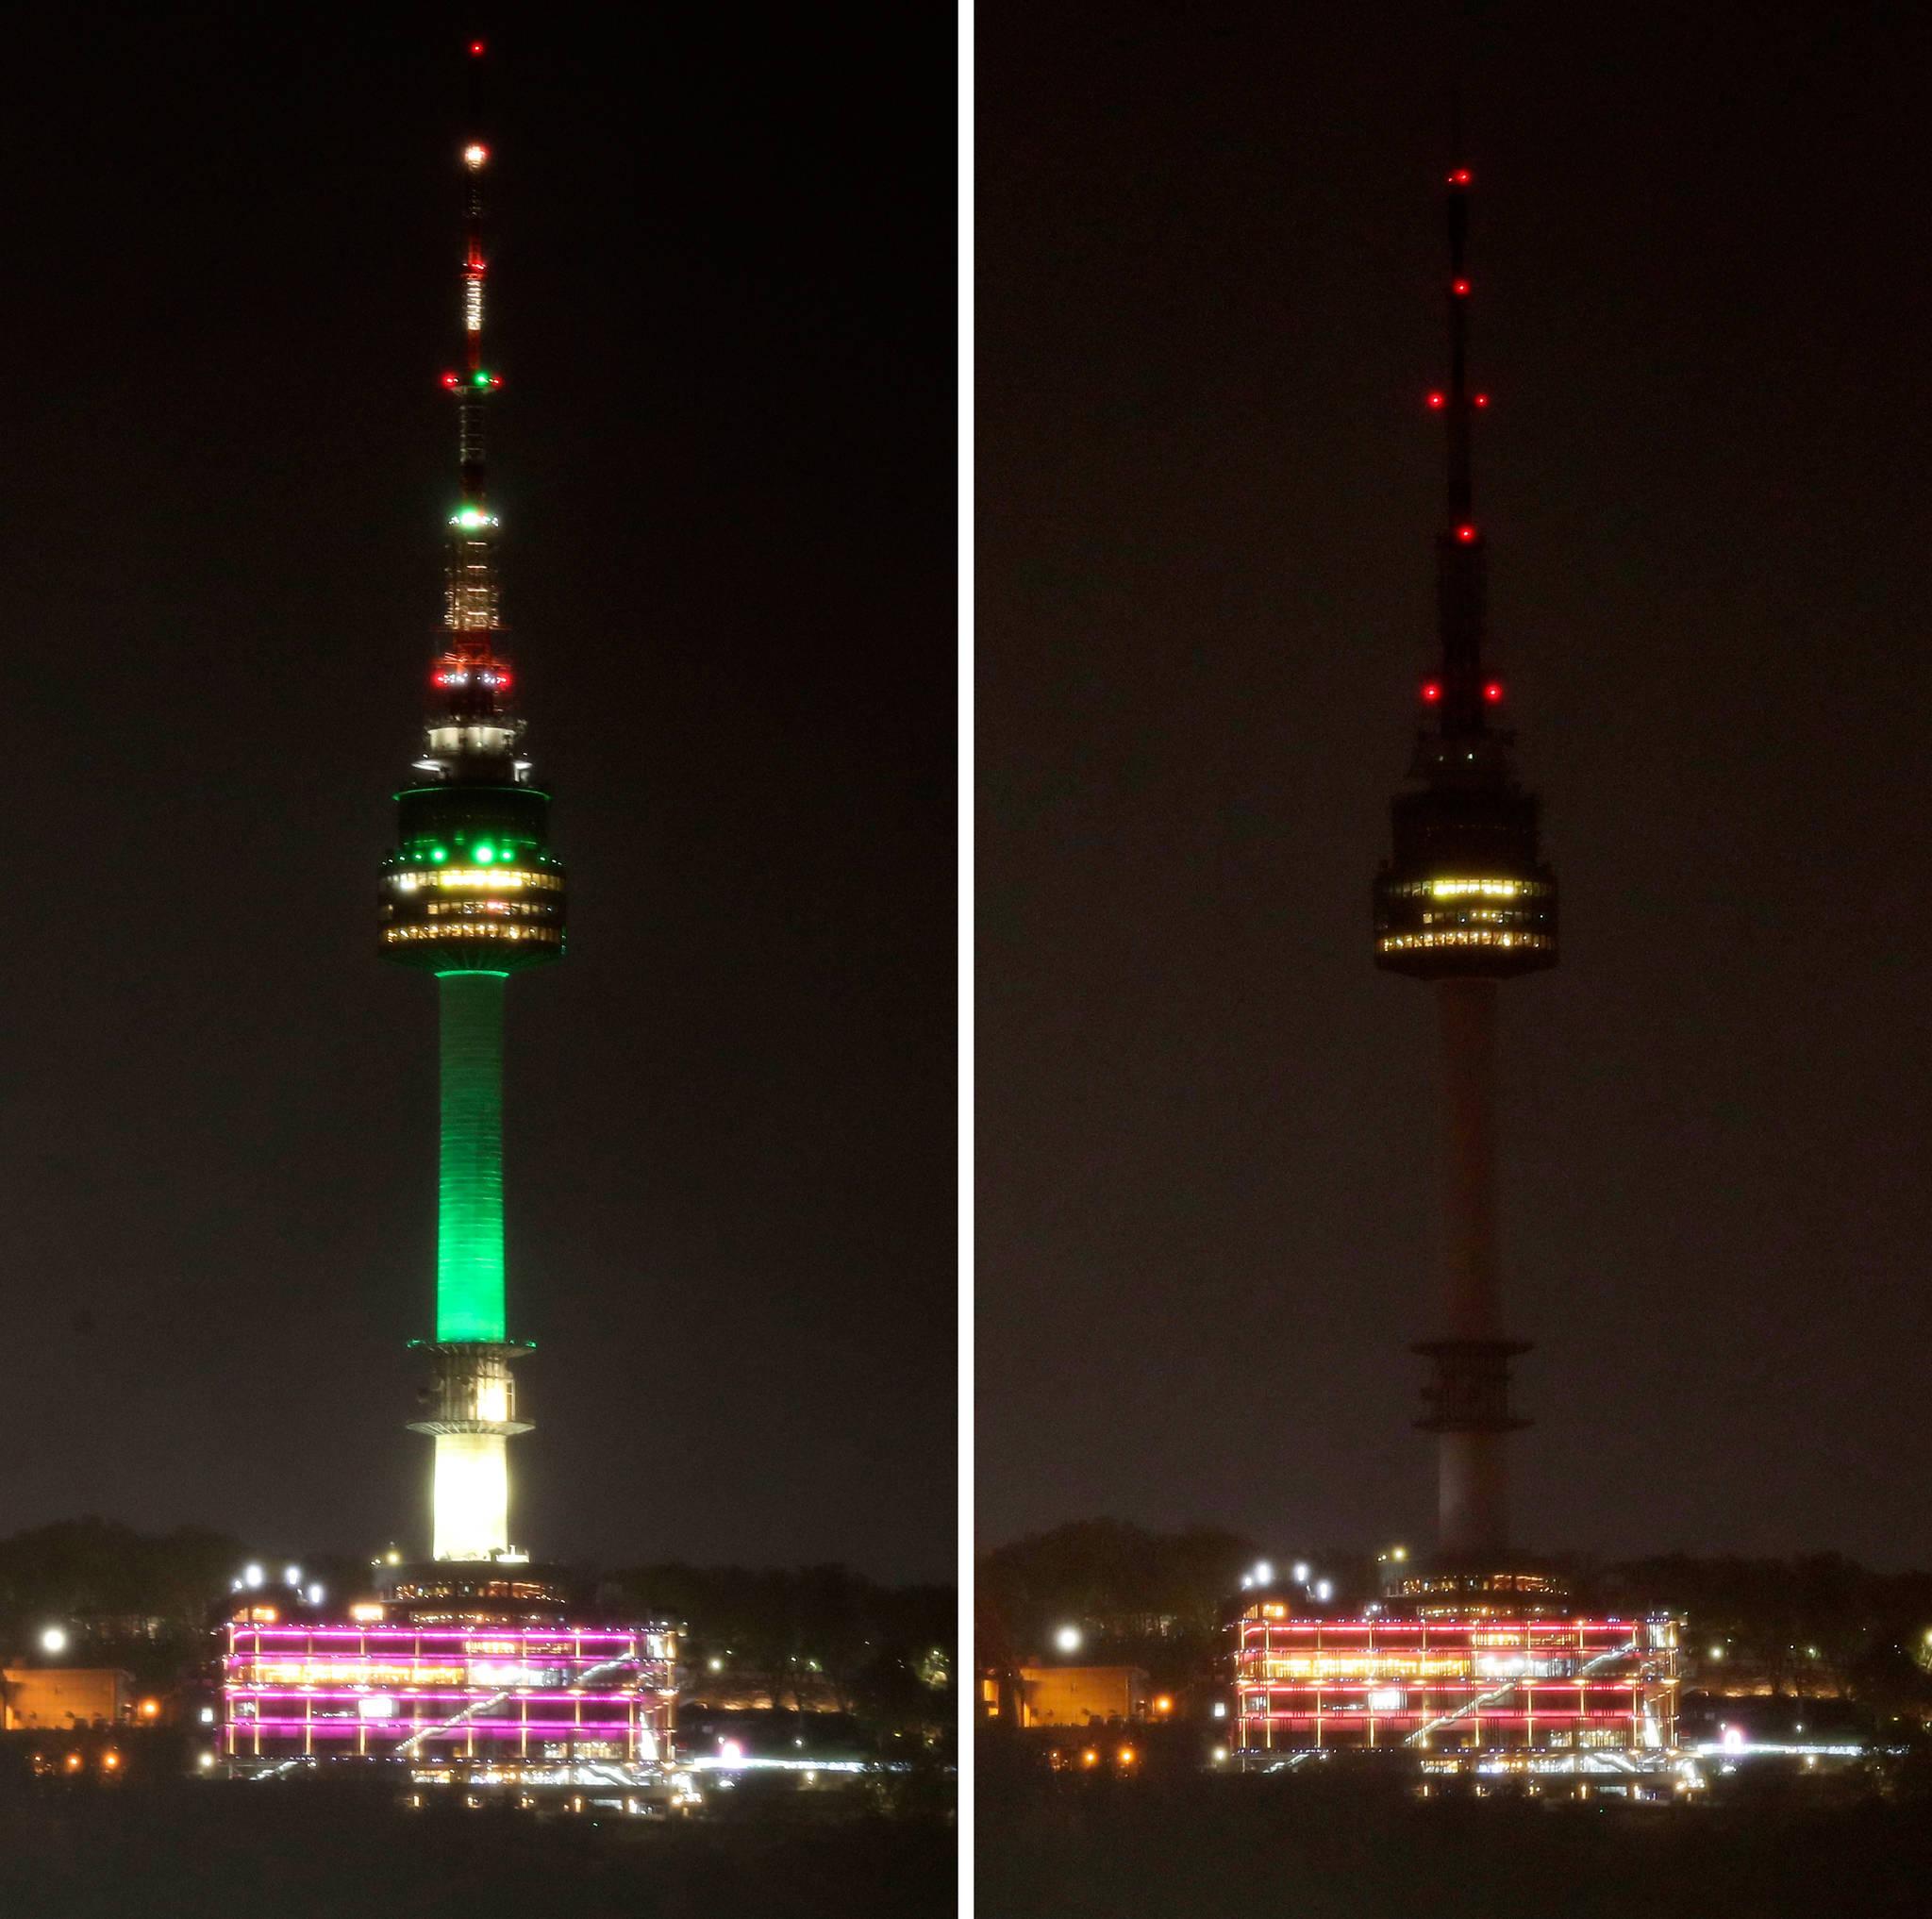 '지구의 날'을 맞아 22일 오후 8시 서울 중구 남산 N타워 조명이 소등되고 있다. 임현동 기자